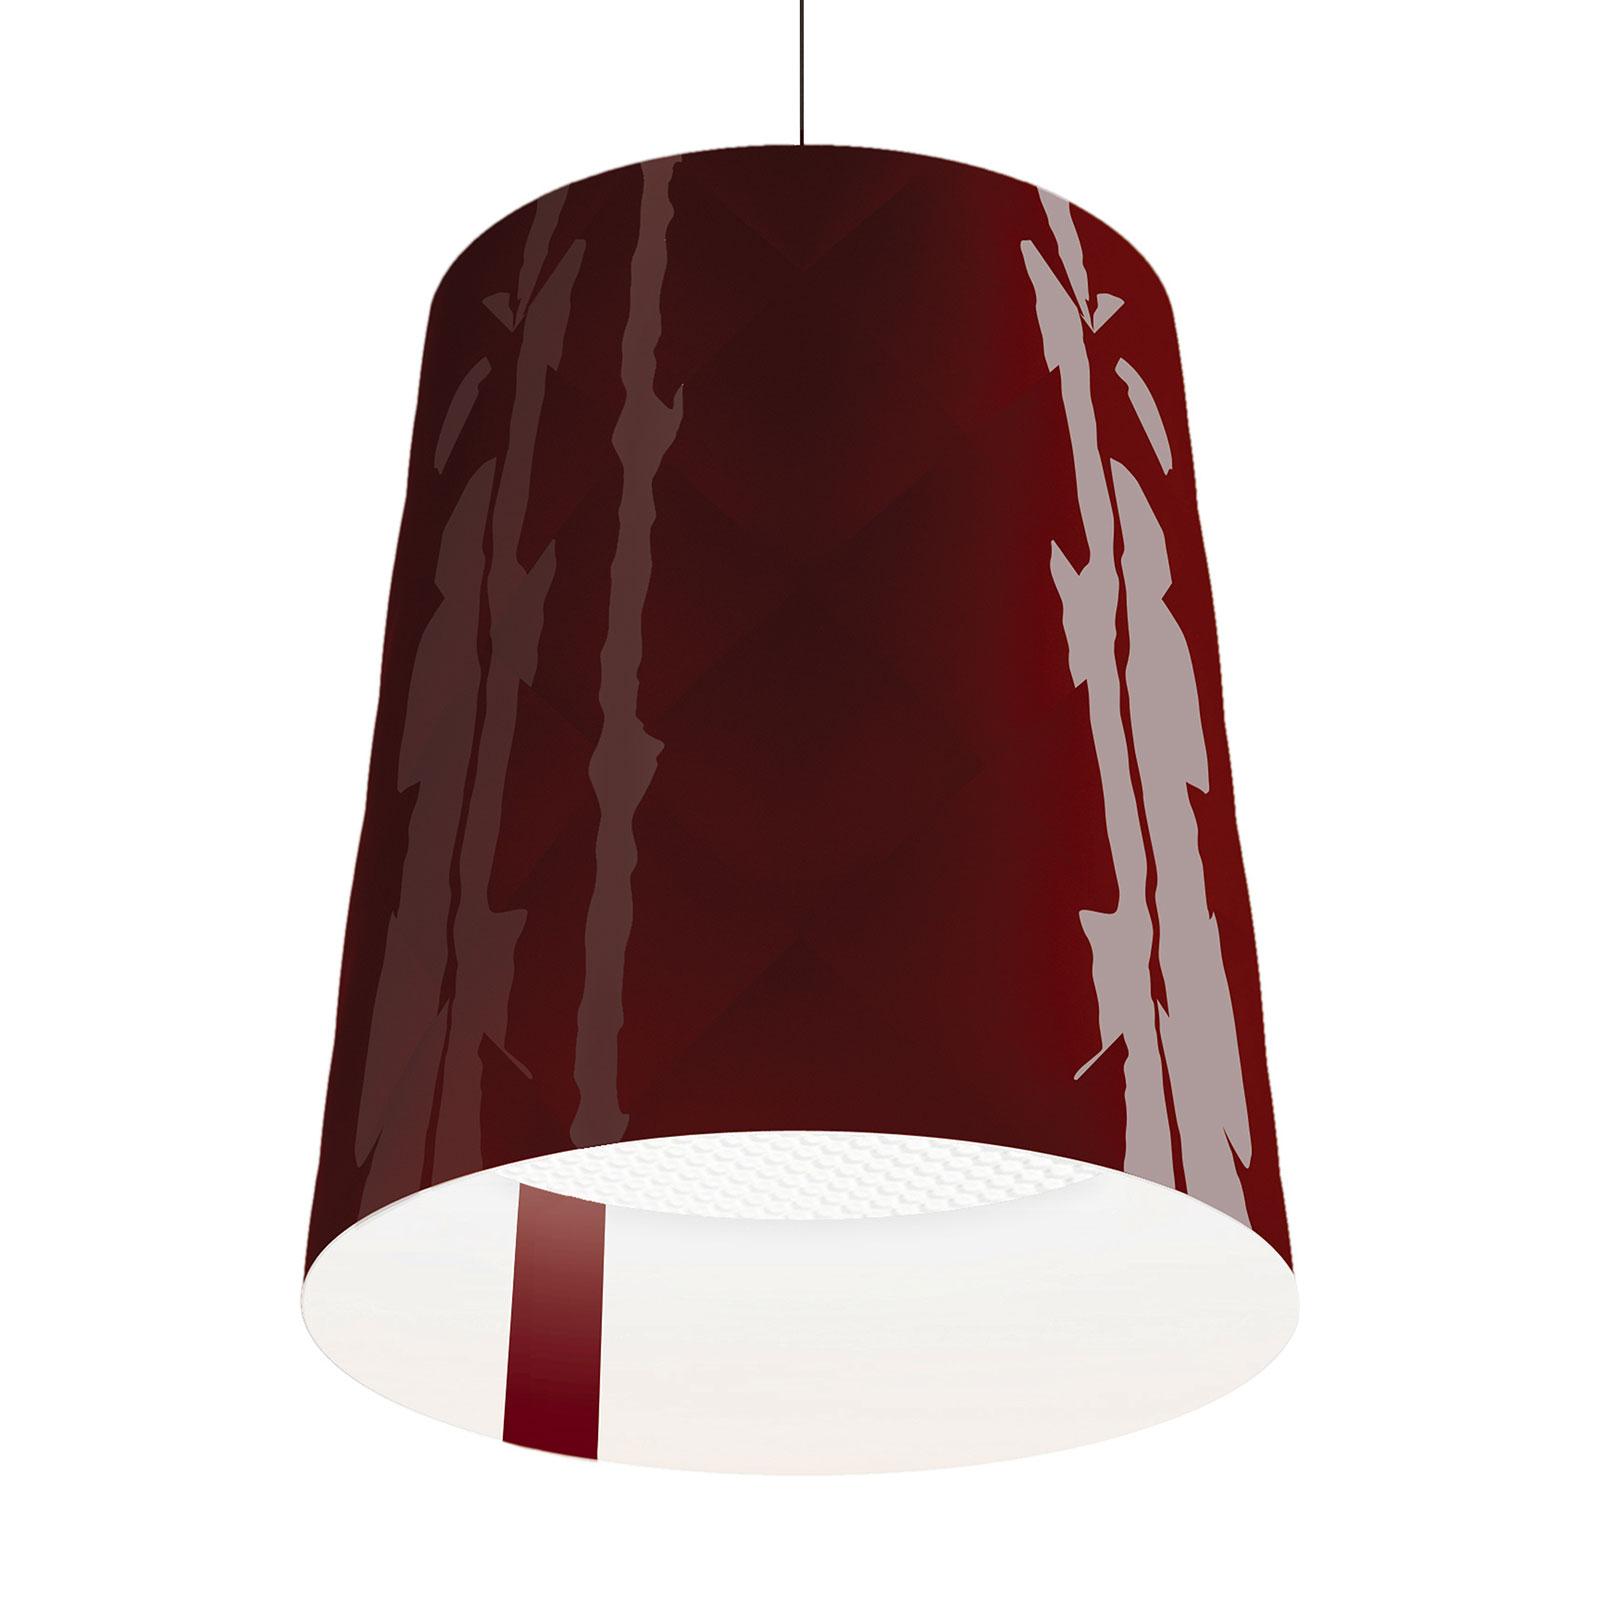 Kundalini New York lampa wisząca Ø 45 cm, czerwona